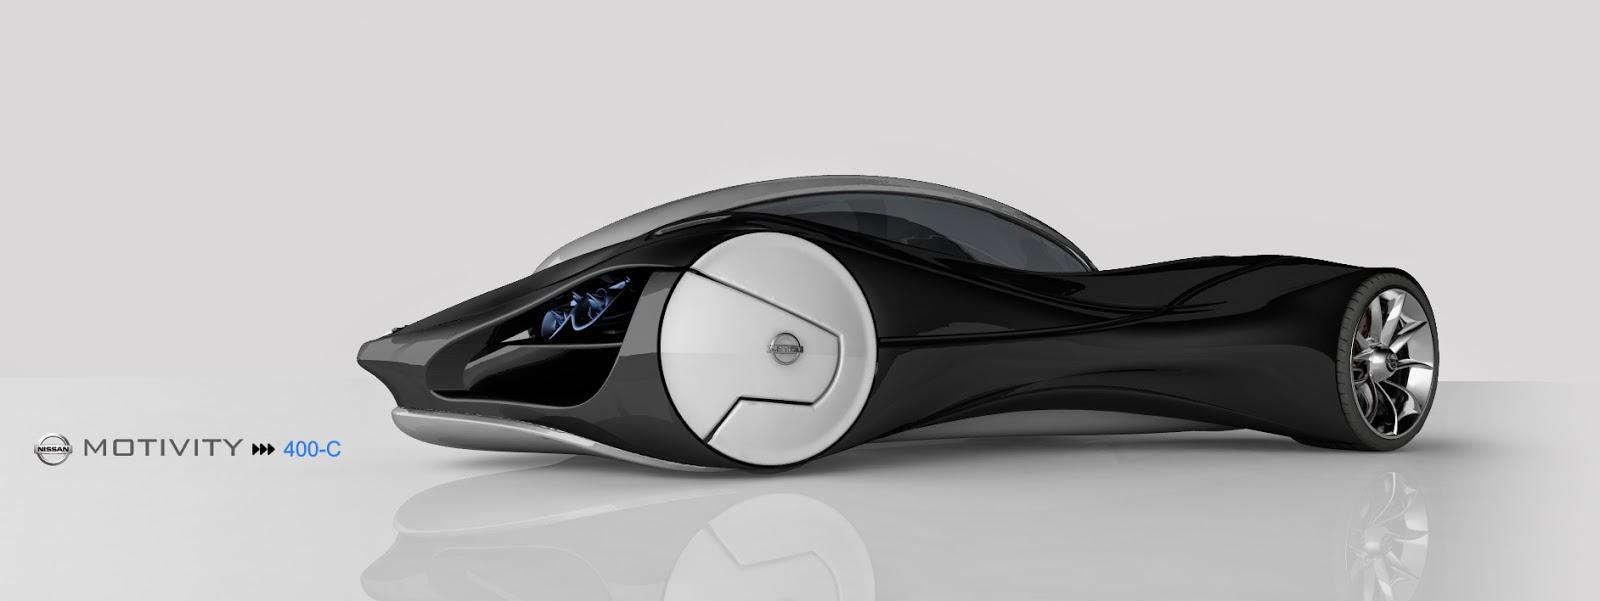 Motivity 400C da Nissan será o carro mais rápido do mundo...